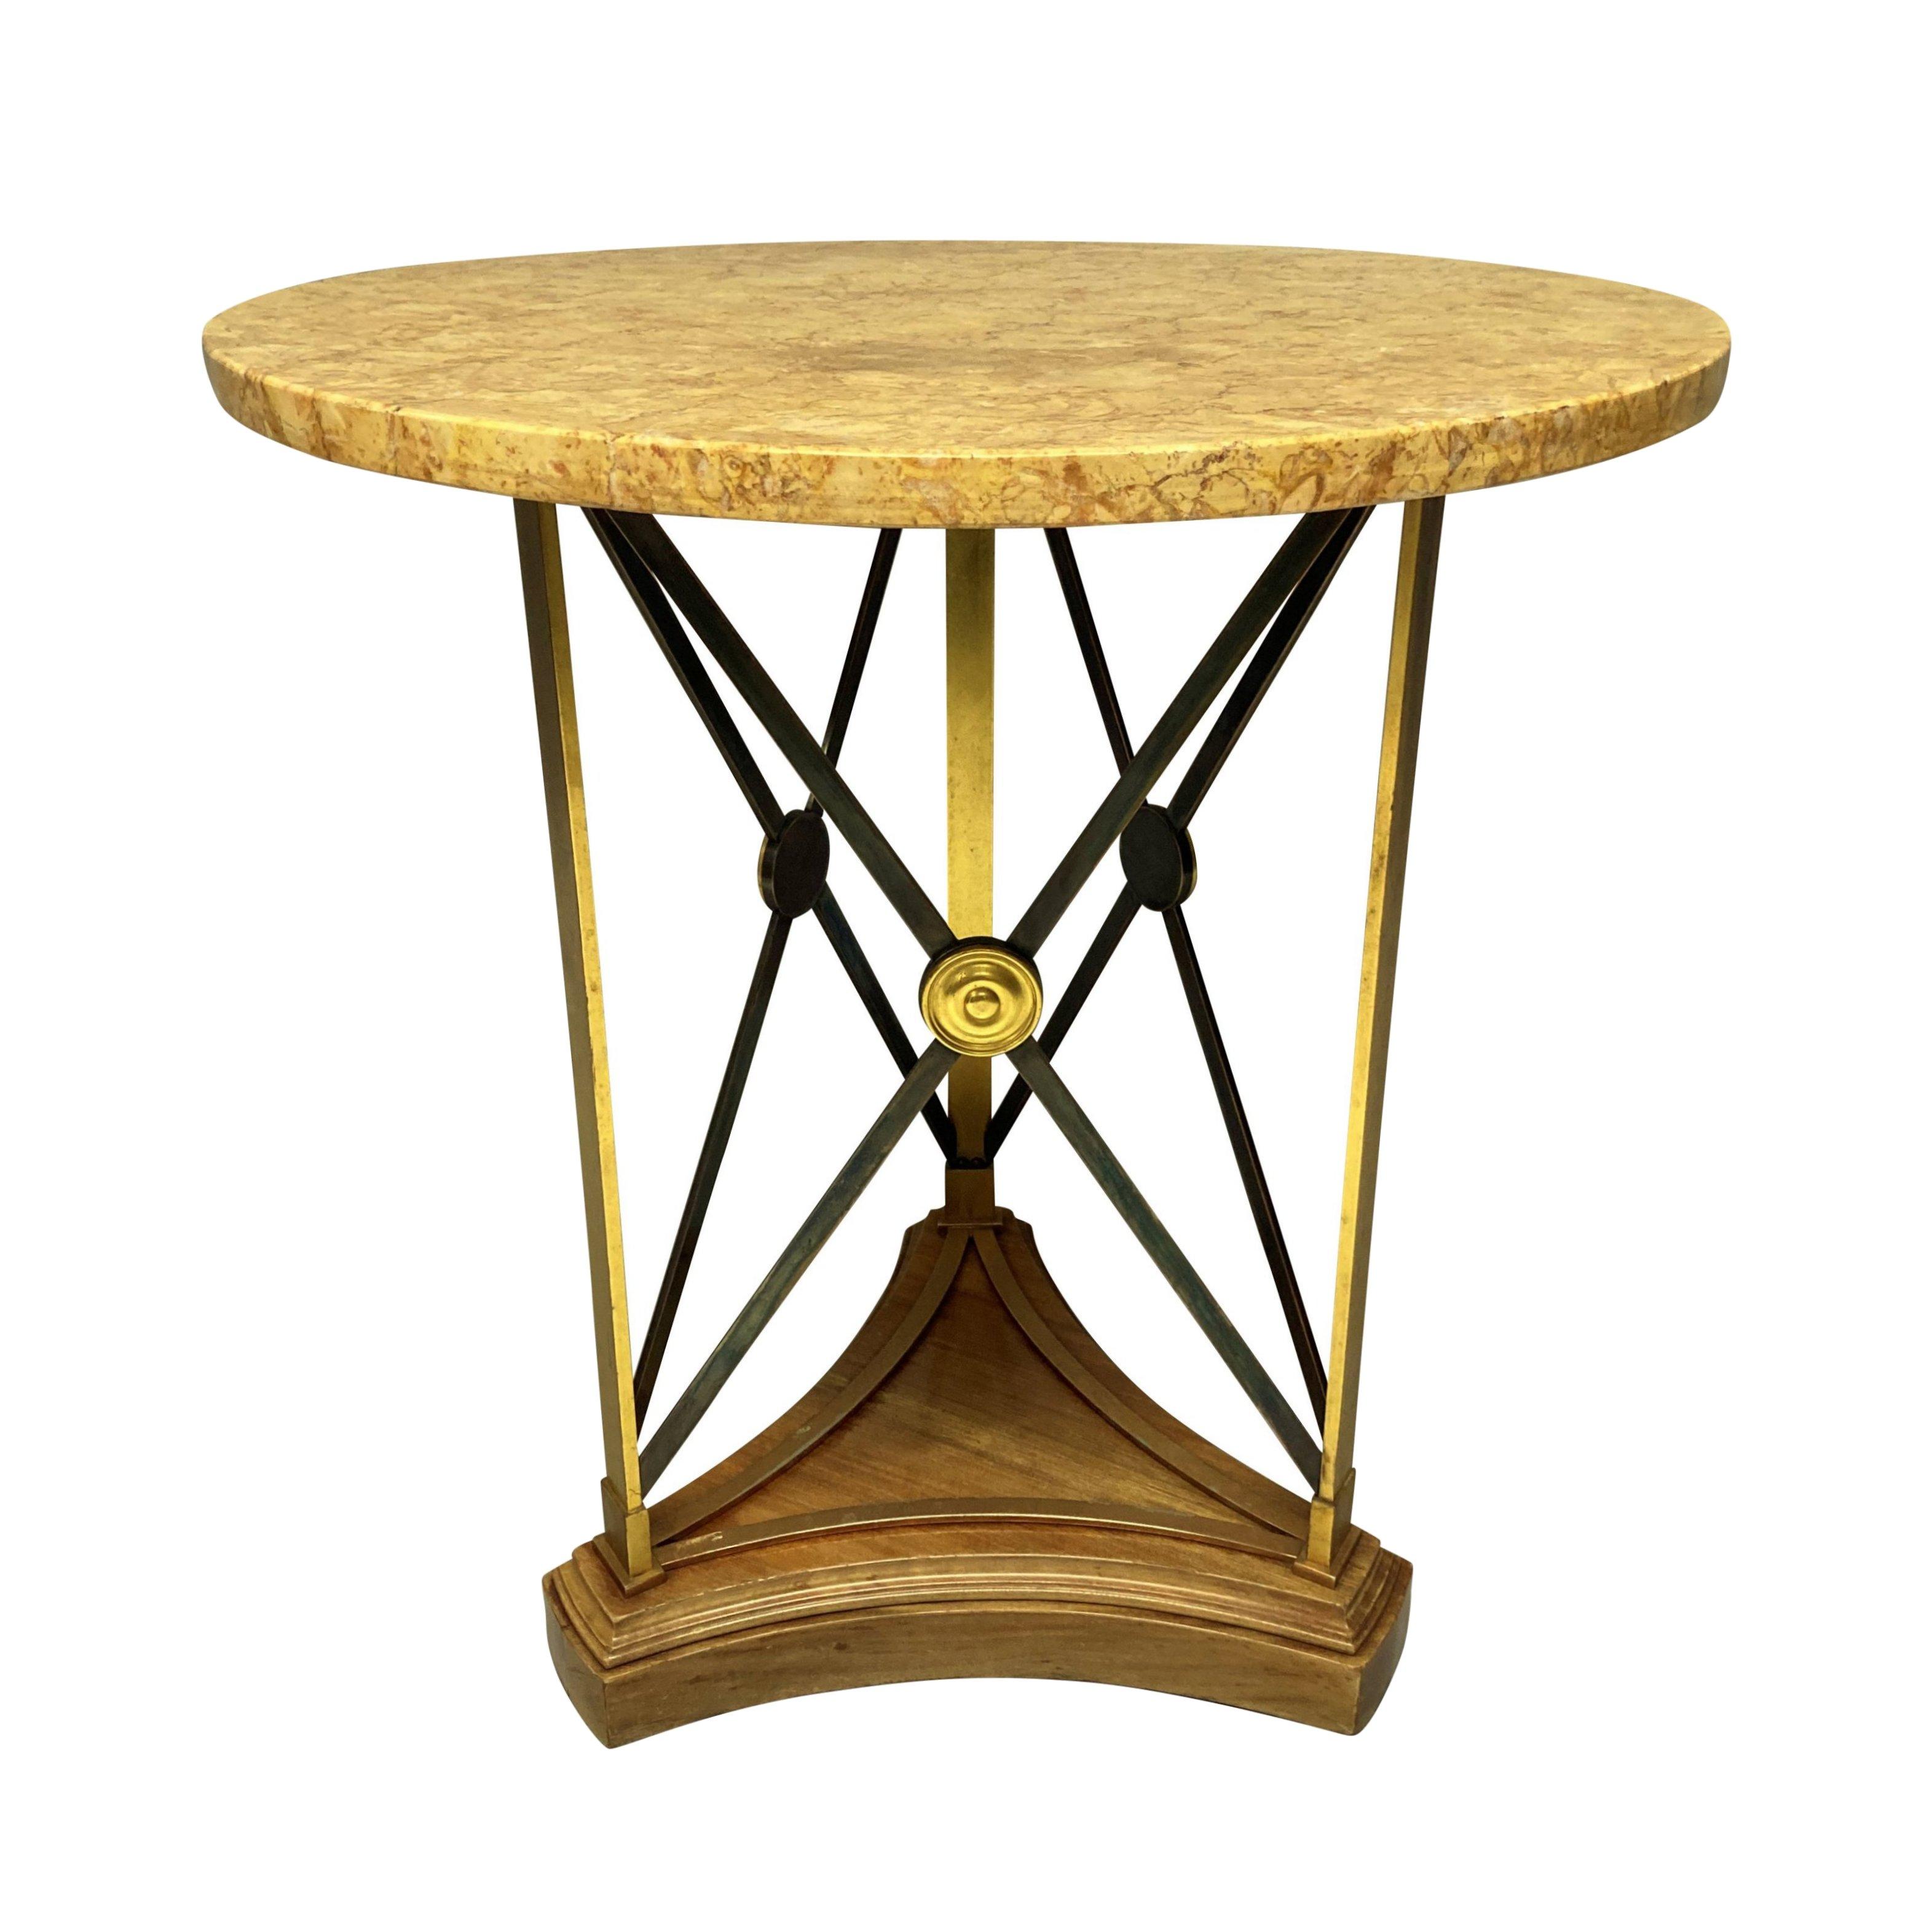 A MID-CENTURY GUERIDON TABLE